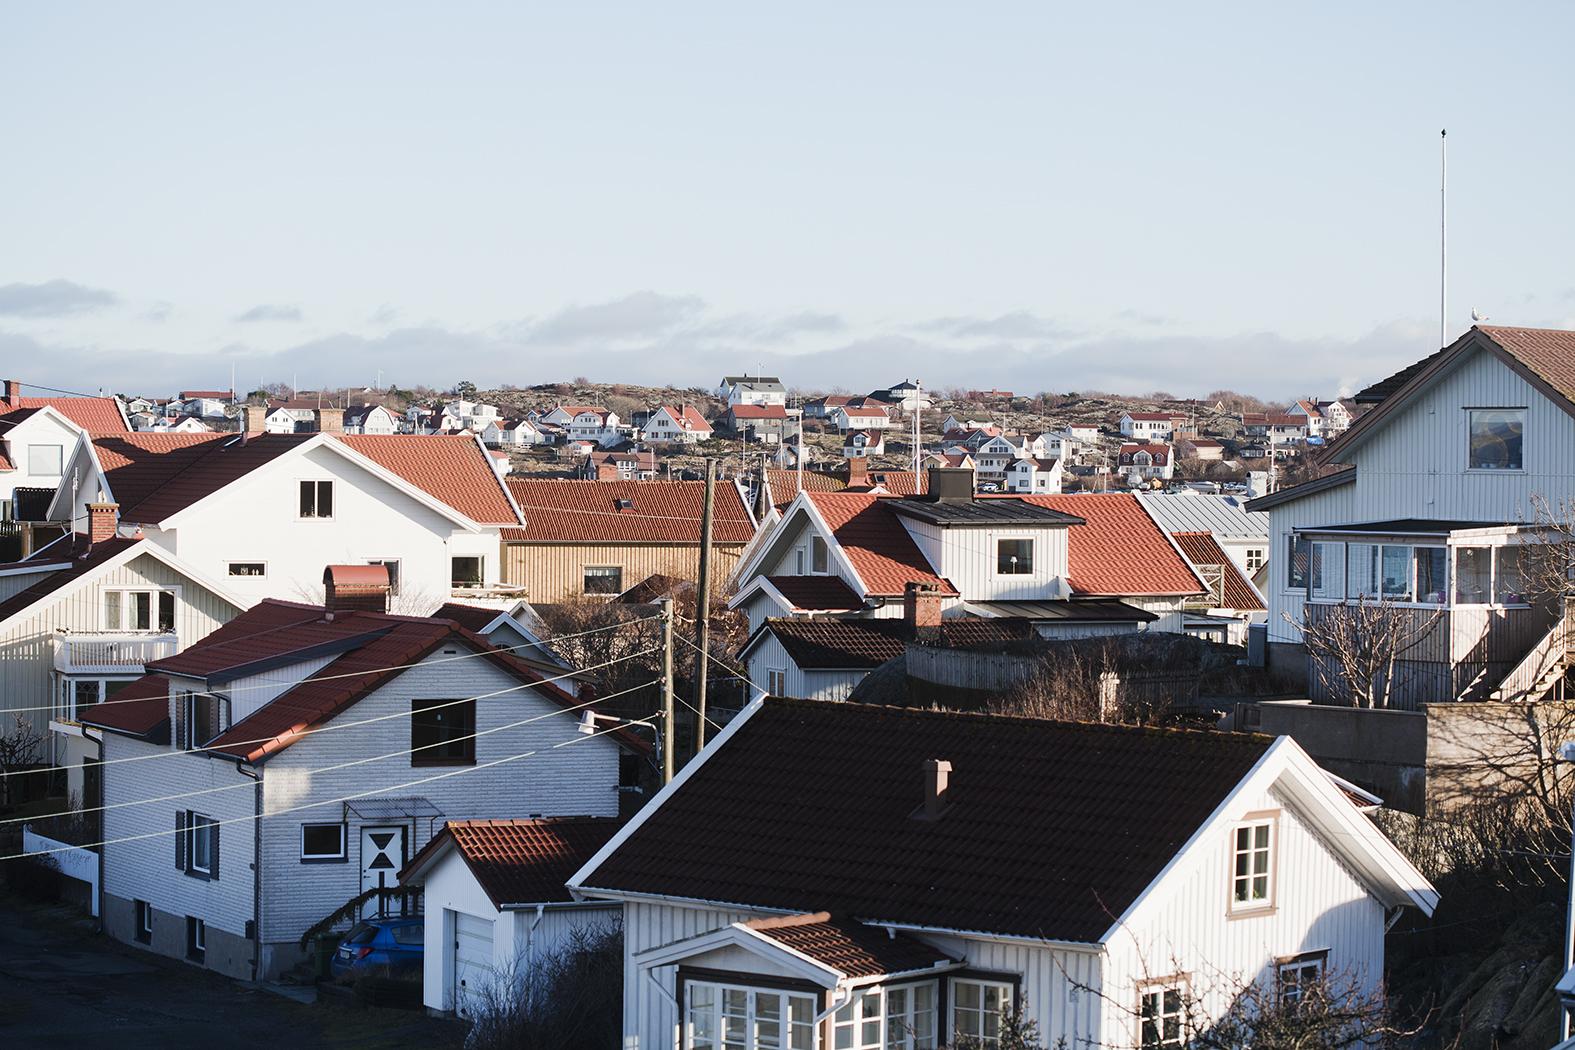 Fotograf: Lina Östling +46 70 405 42 07 mail@linaostling.se www.linaostling.se Stylist: Mari Strenghielm Nord Hemma hos Elsa på Hälsö, utanför Göteborg